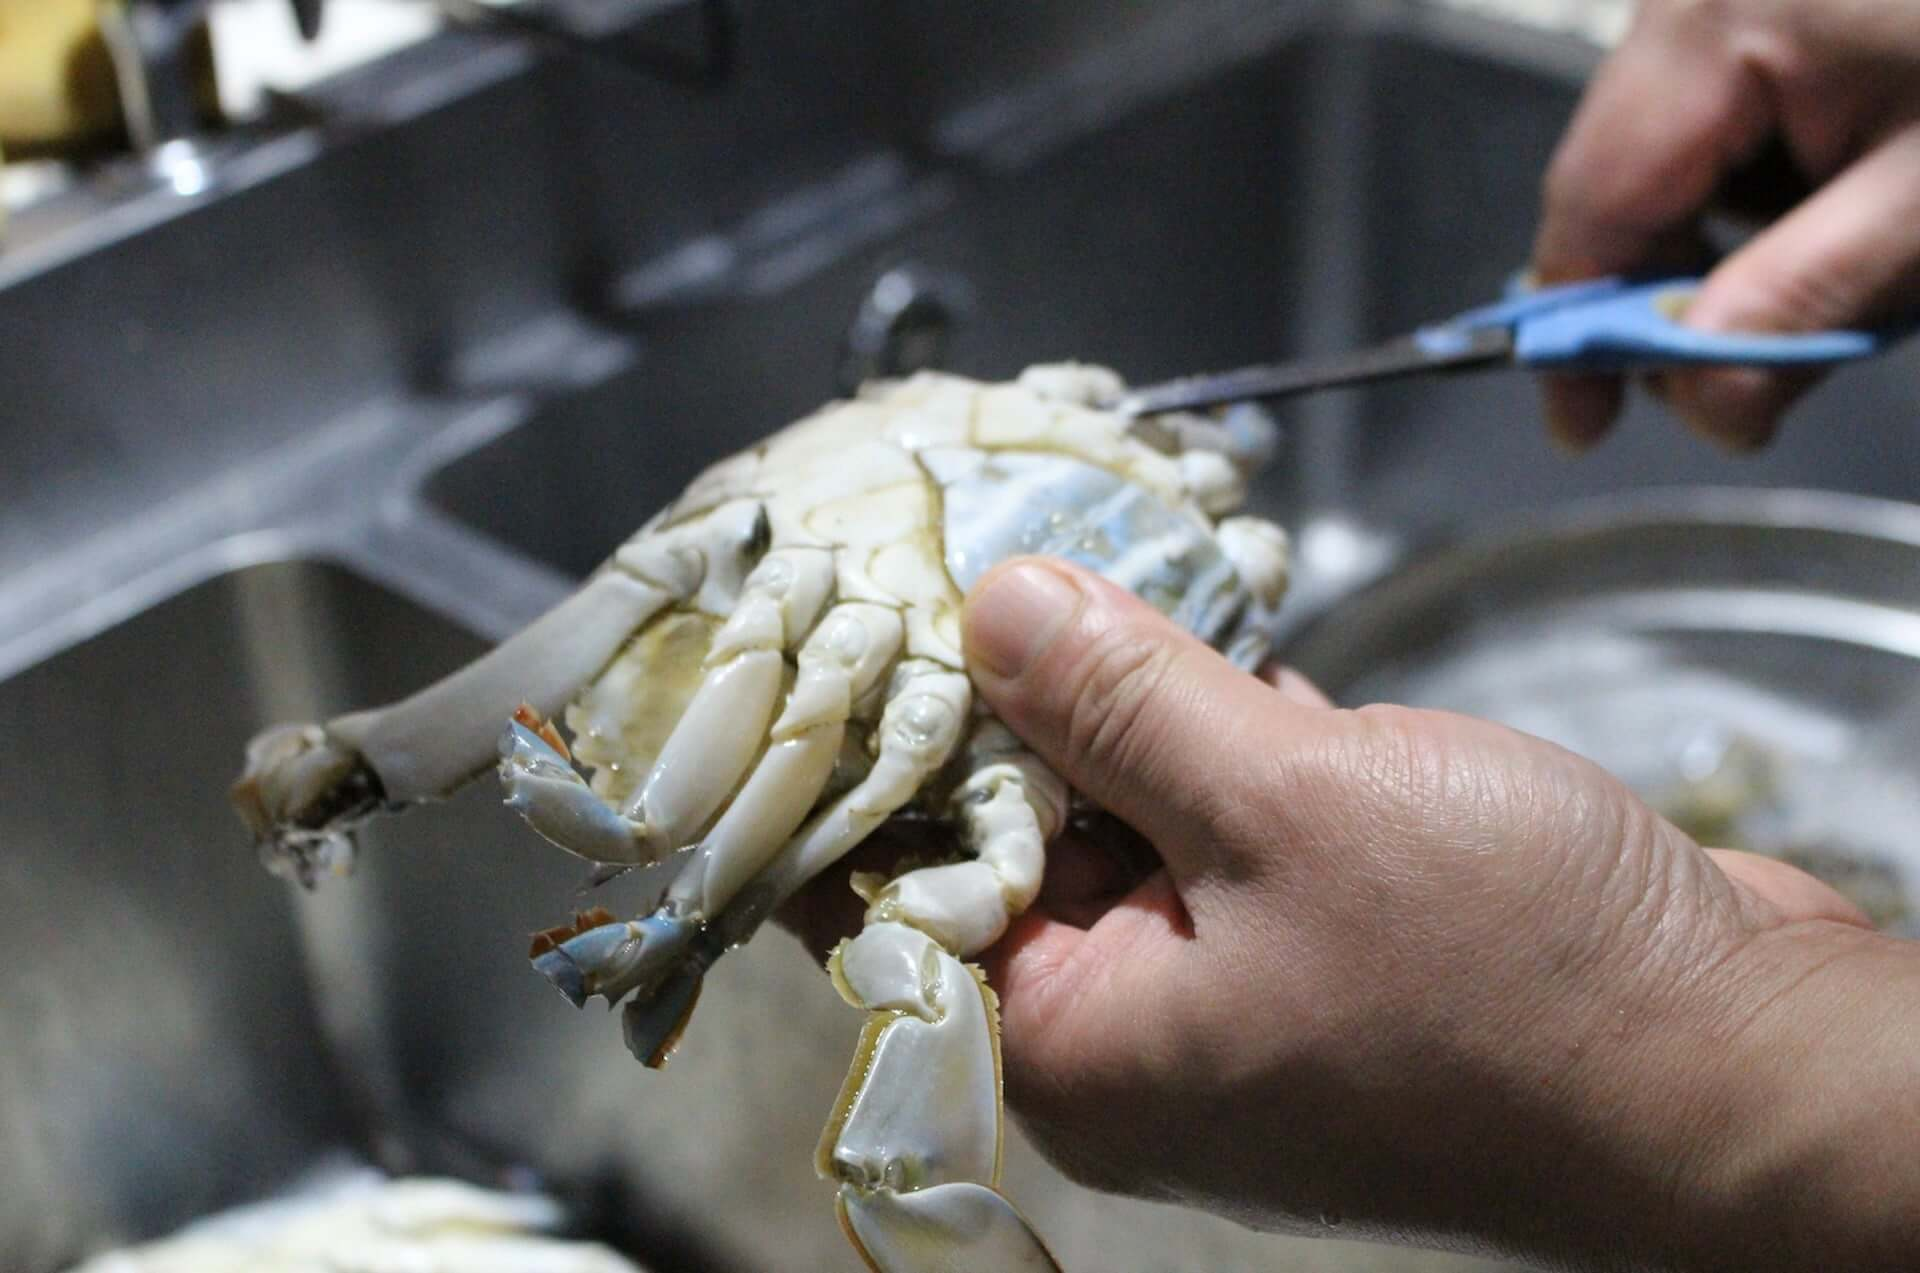 北海道産のワタリガニを使用した『生カンジャンケジャン』が「韓国食堂ケグリ」に登場!1日10食限定で販売開始 gourmet201029_kankokushokudou-keguri_2-1920x1273